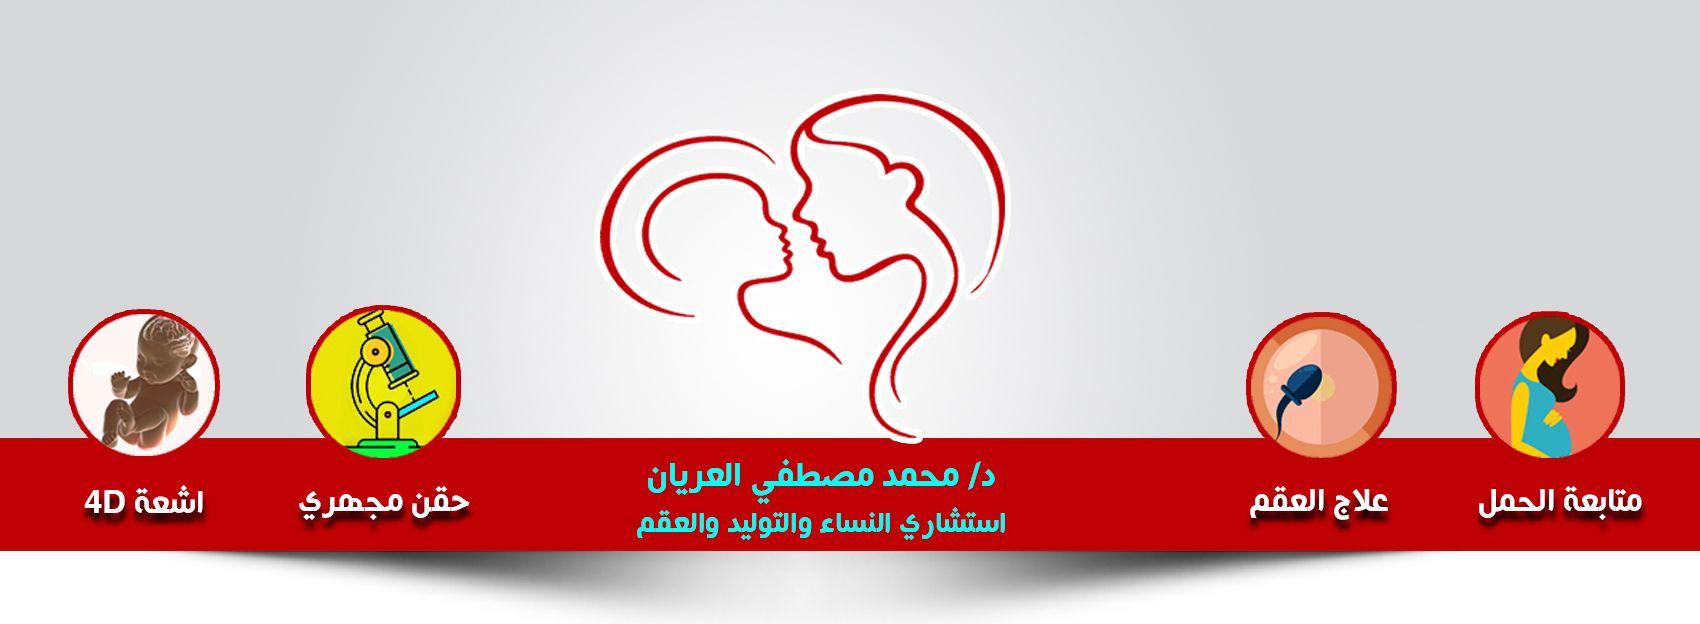 عيادة الدكتور محمد مصطفي العريان استشاري امراض النساء والتوليد وعلاج العقم بالإسكندرية Ana